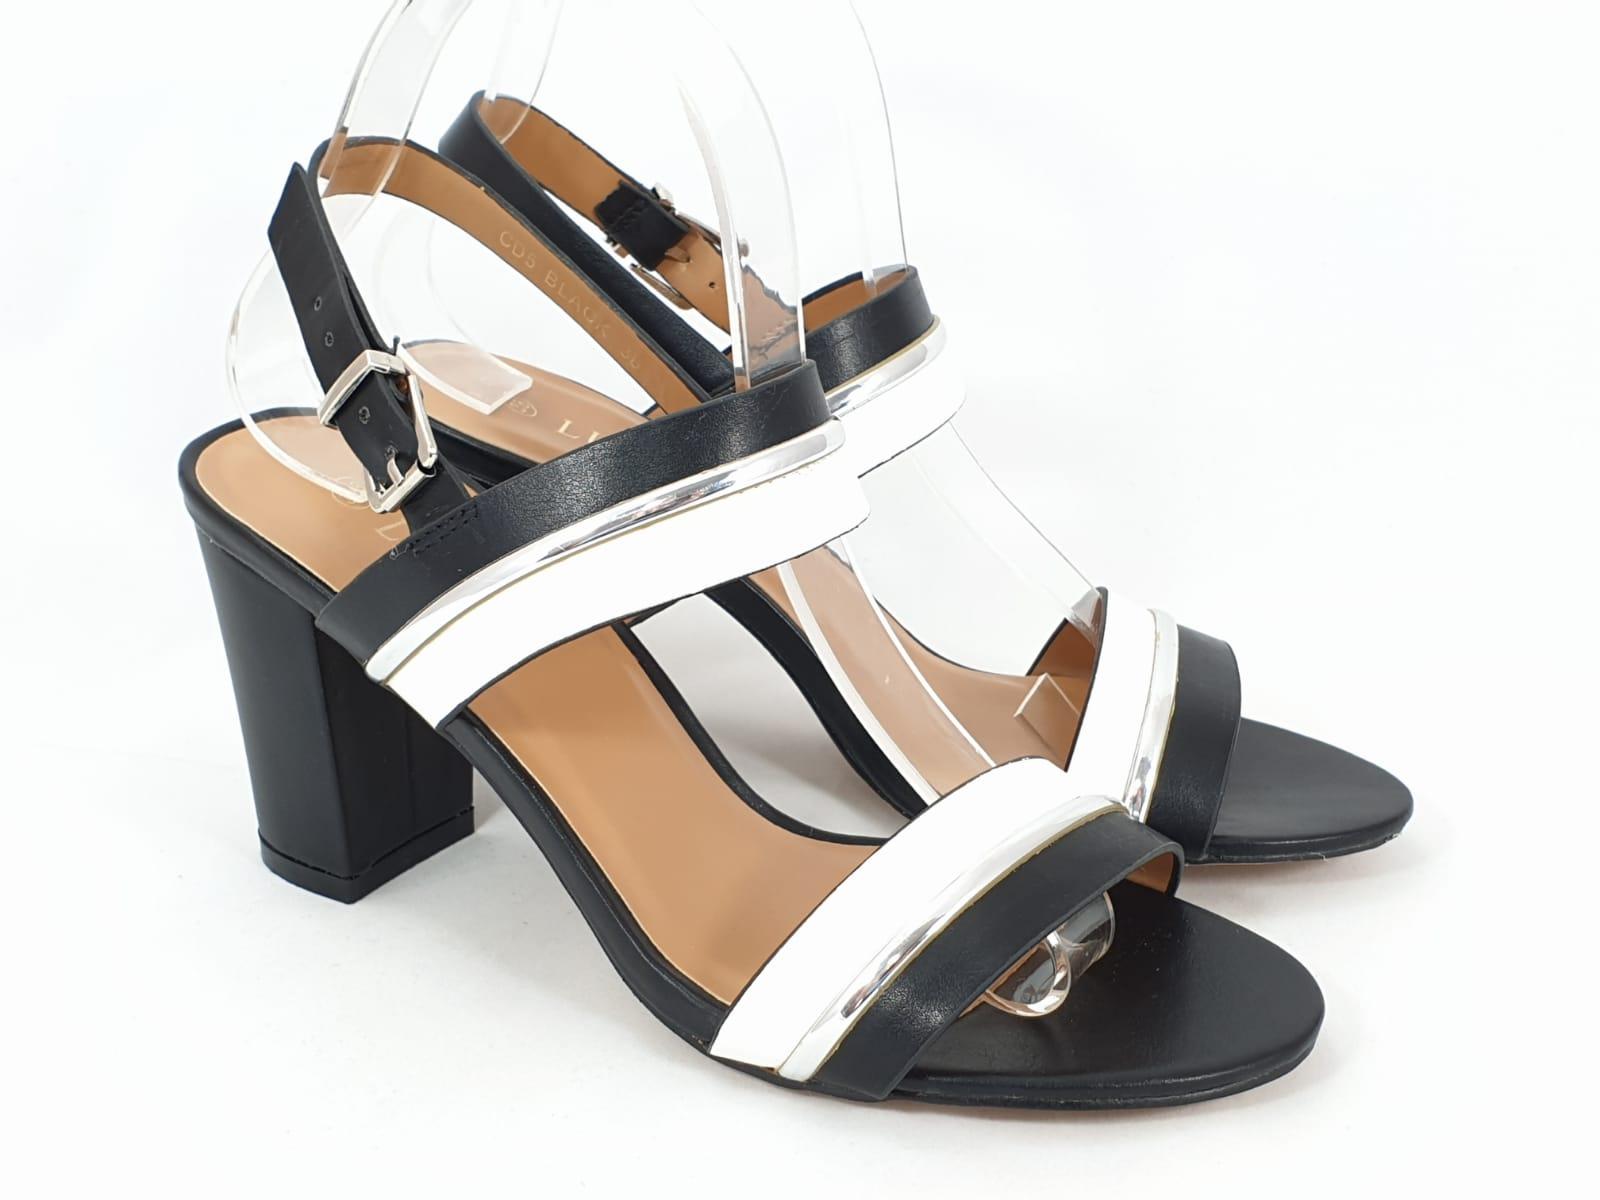 Sandale dama alb cu negru si argintiu Ioana